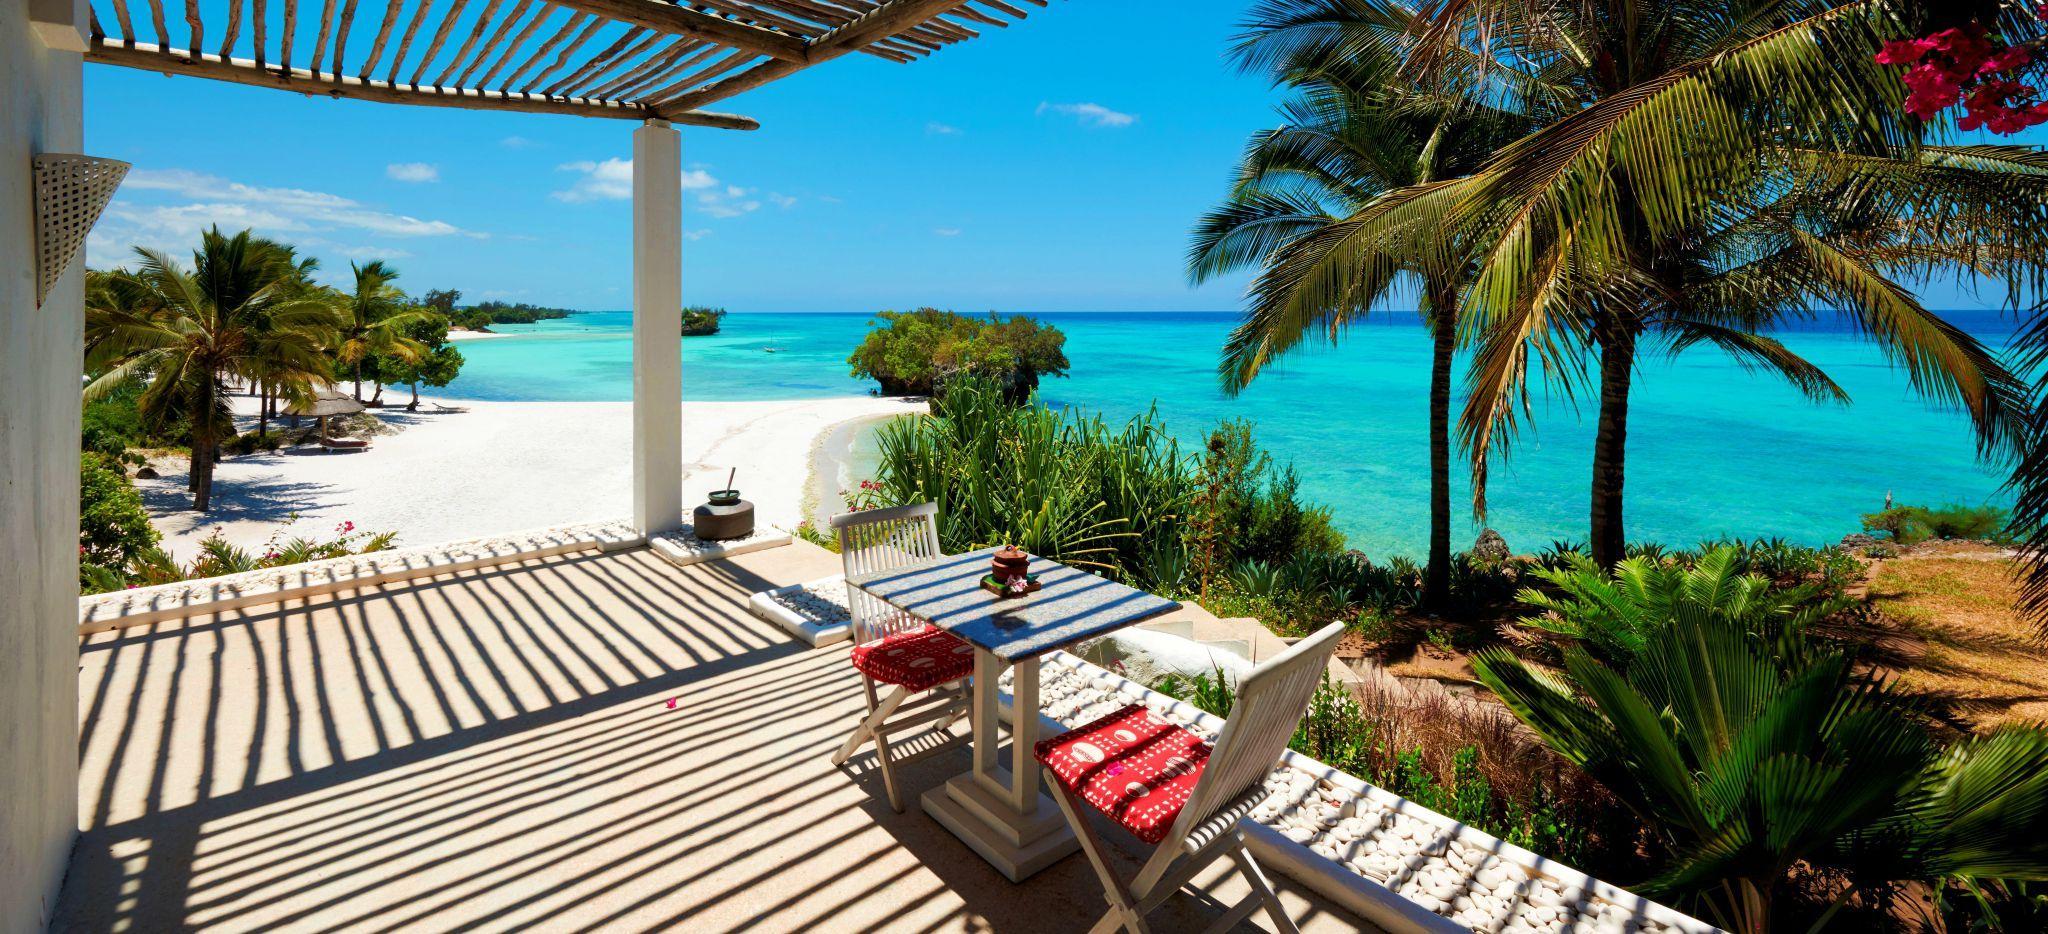 Eine Veranda mit einem kleinen Tisch und Blick auf den Strand und das Meer vor dem Hotel the Aiyana